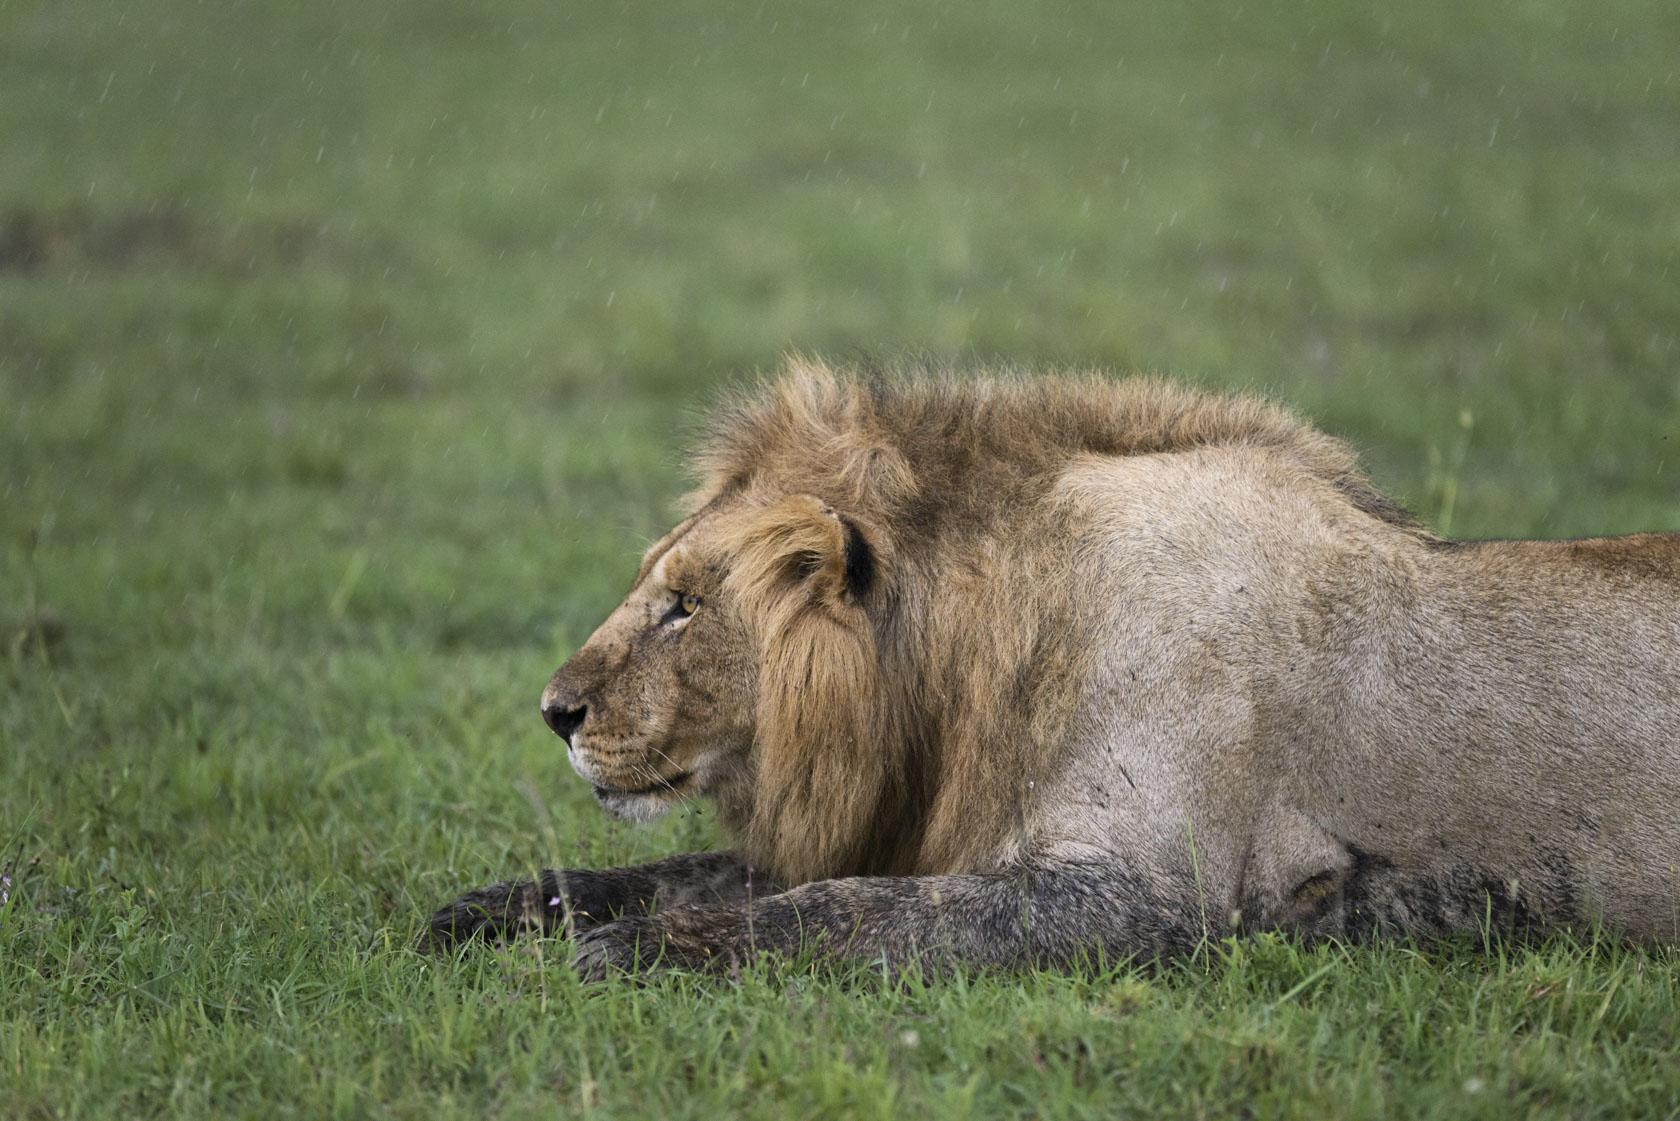 Der dominanteste der Löwen reagiert bei einsetzendem Regen äußerst aggressiv auf jedwede Bewegung in seinem Umfeld – hier im besonderen auf uns Fotografen in den Fahrzeugen